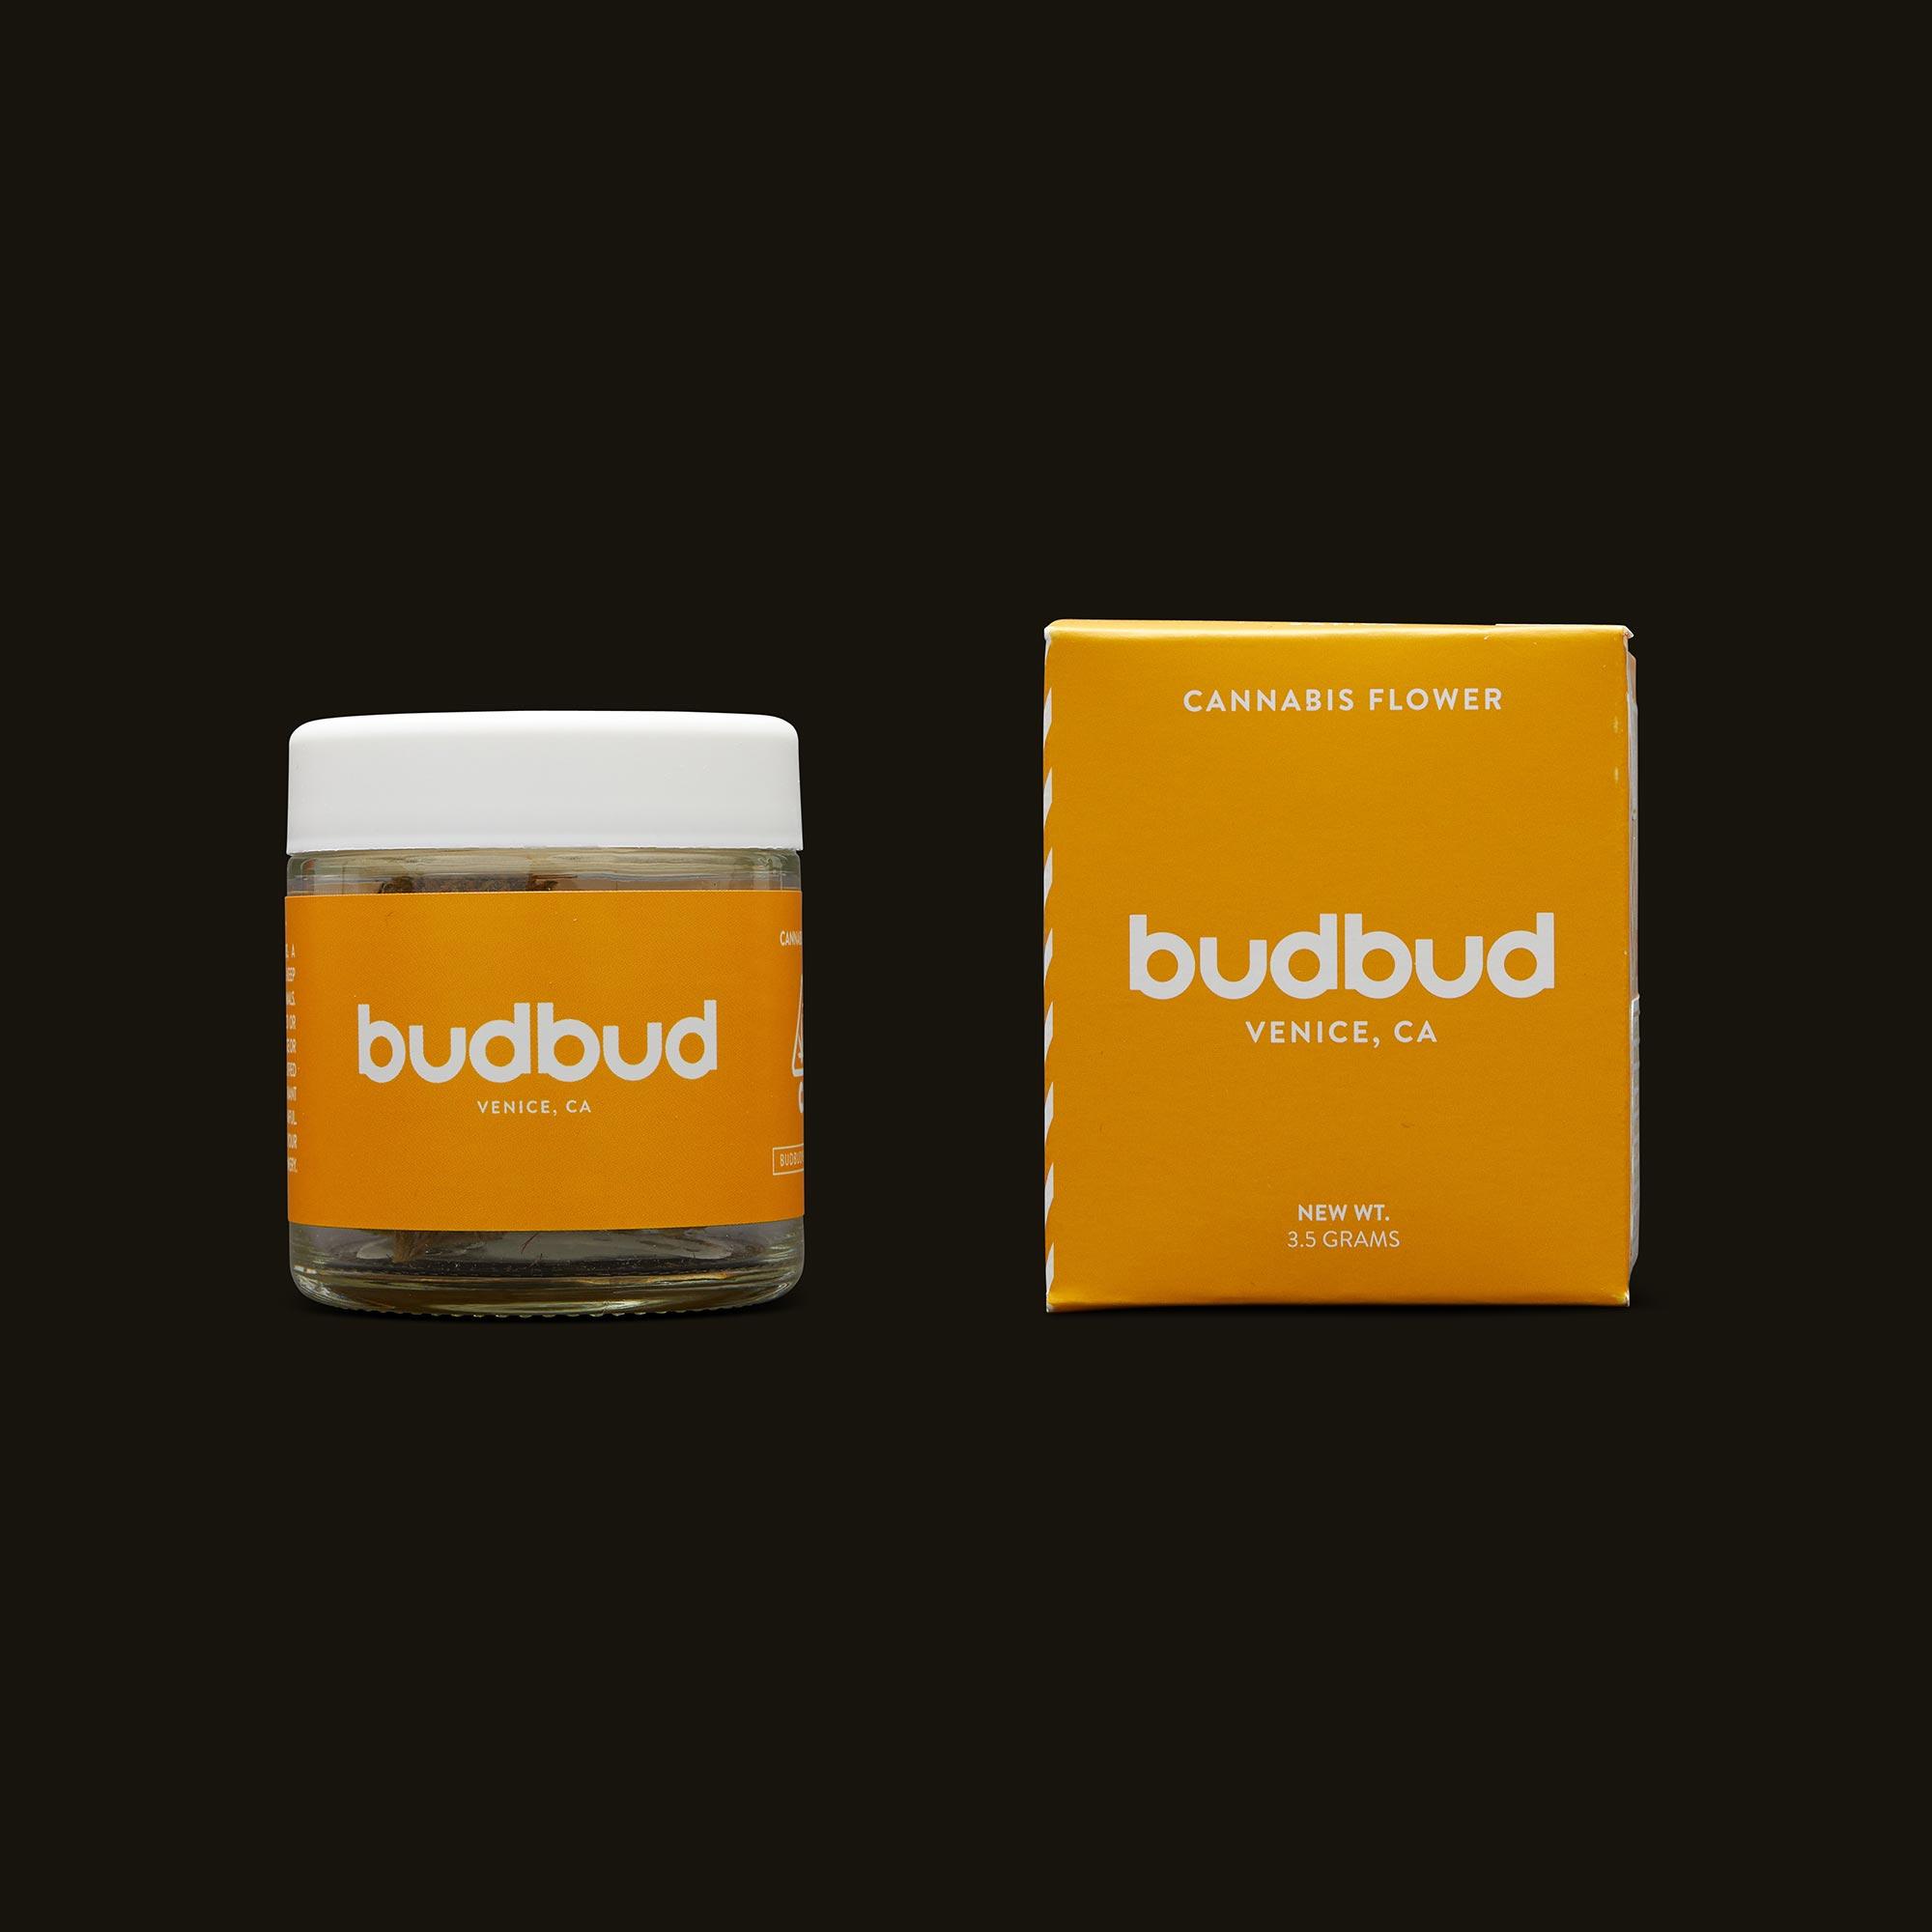 budbud Lamb's Bread Jar and Box